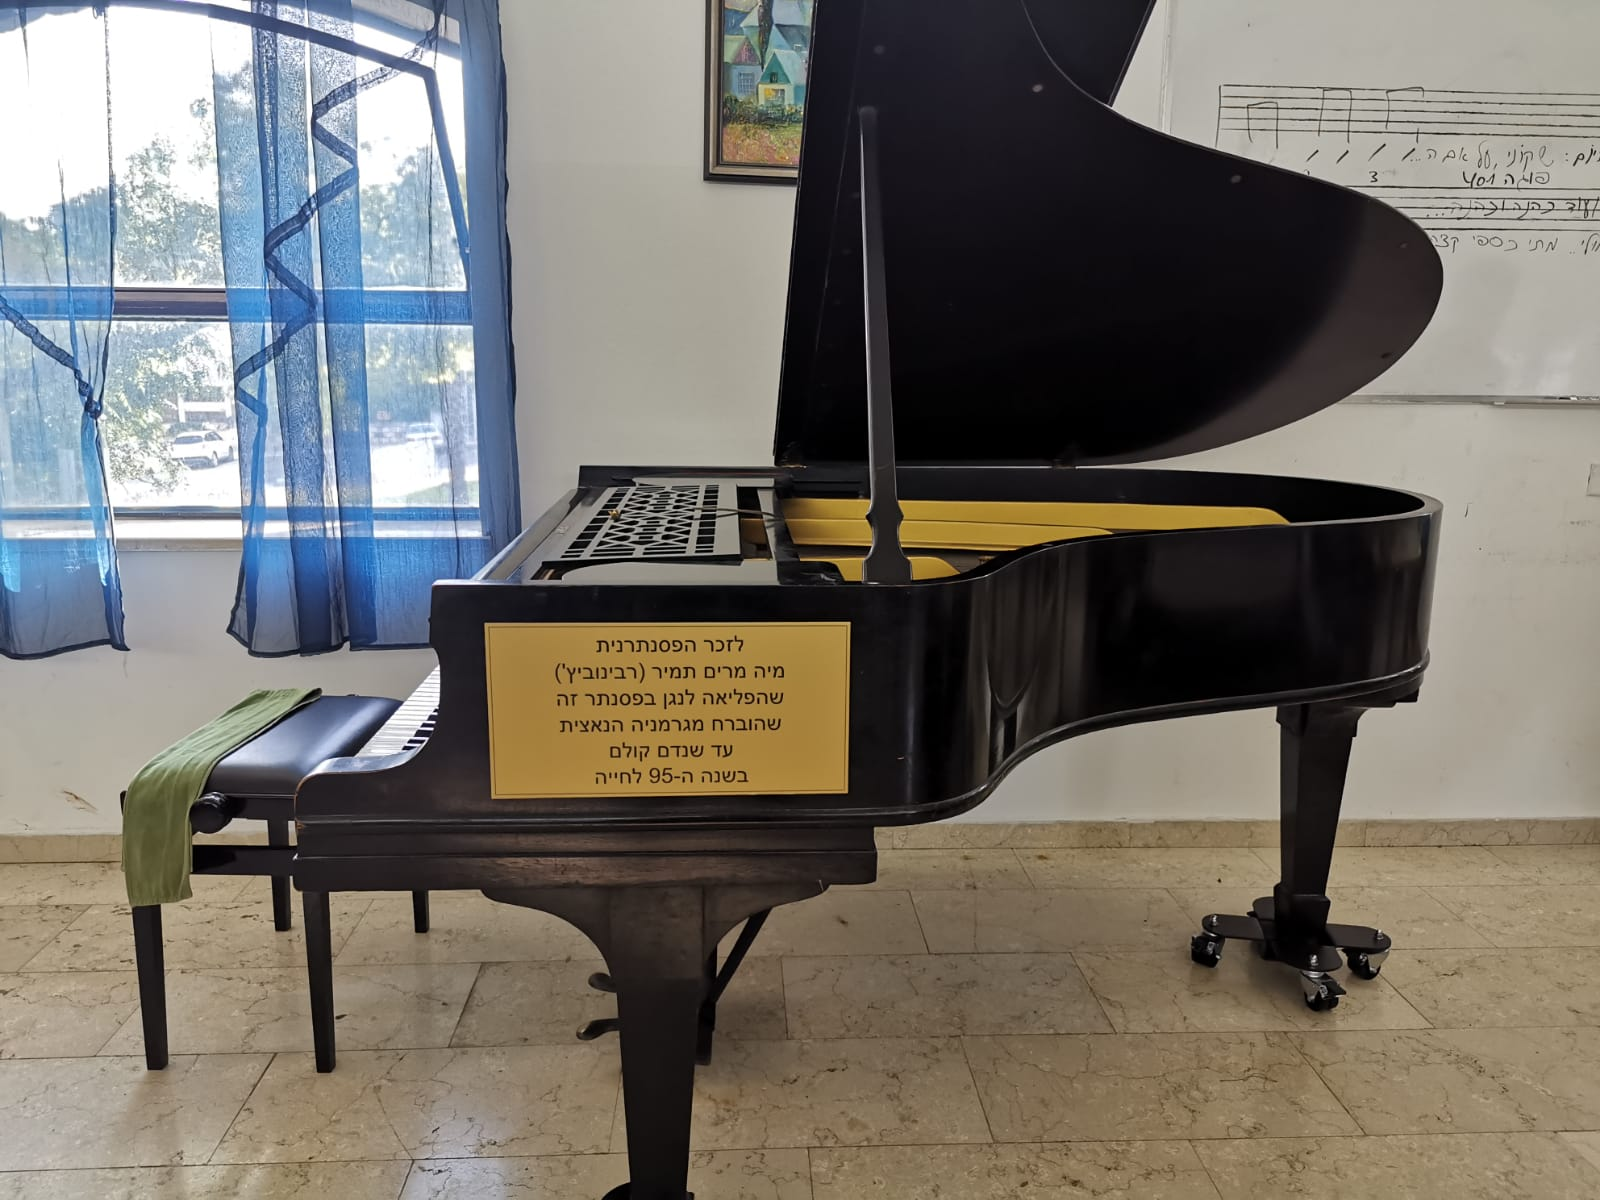 מגרמניה הנאצית למרכז קלור – סיפורו של פסנתר